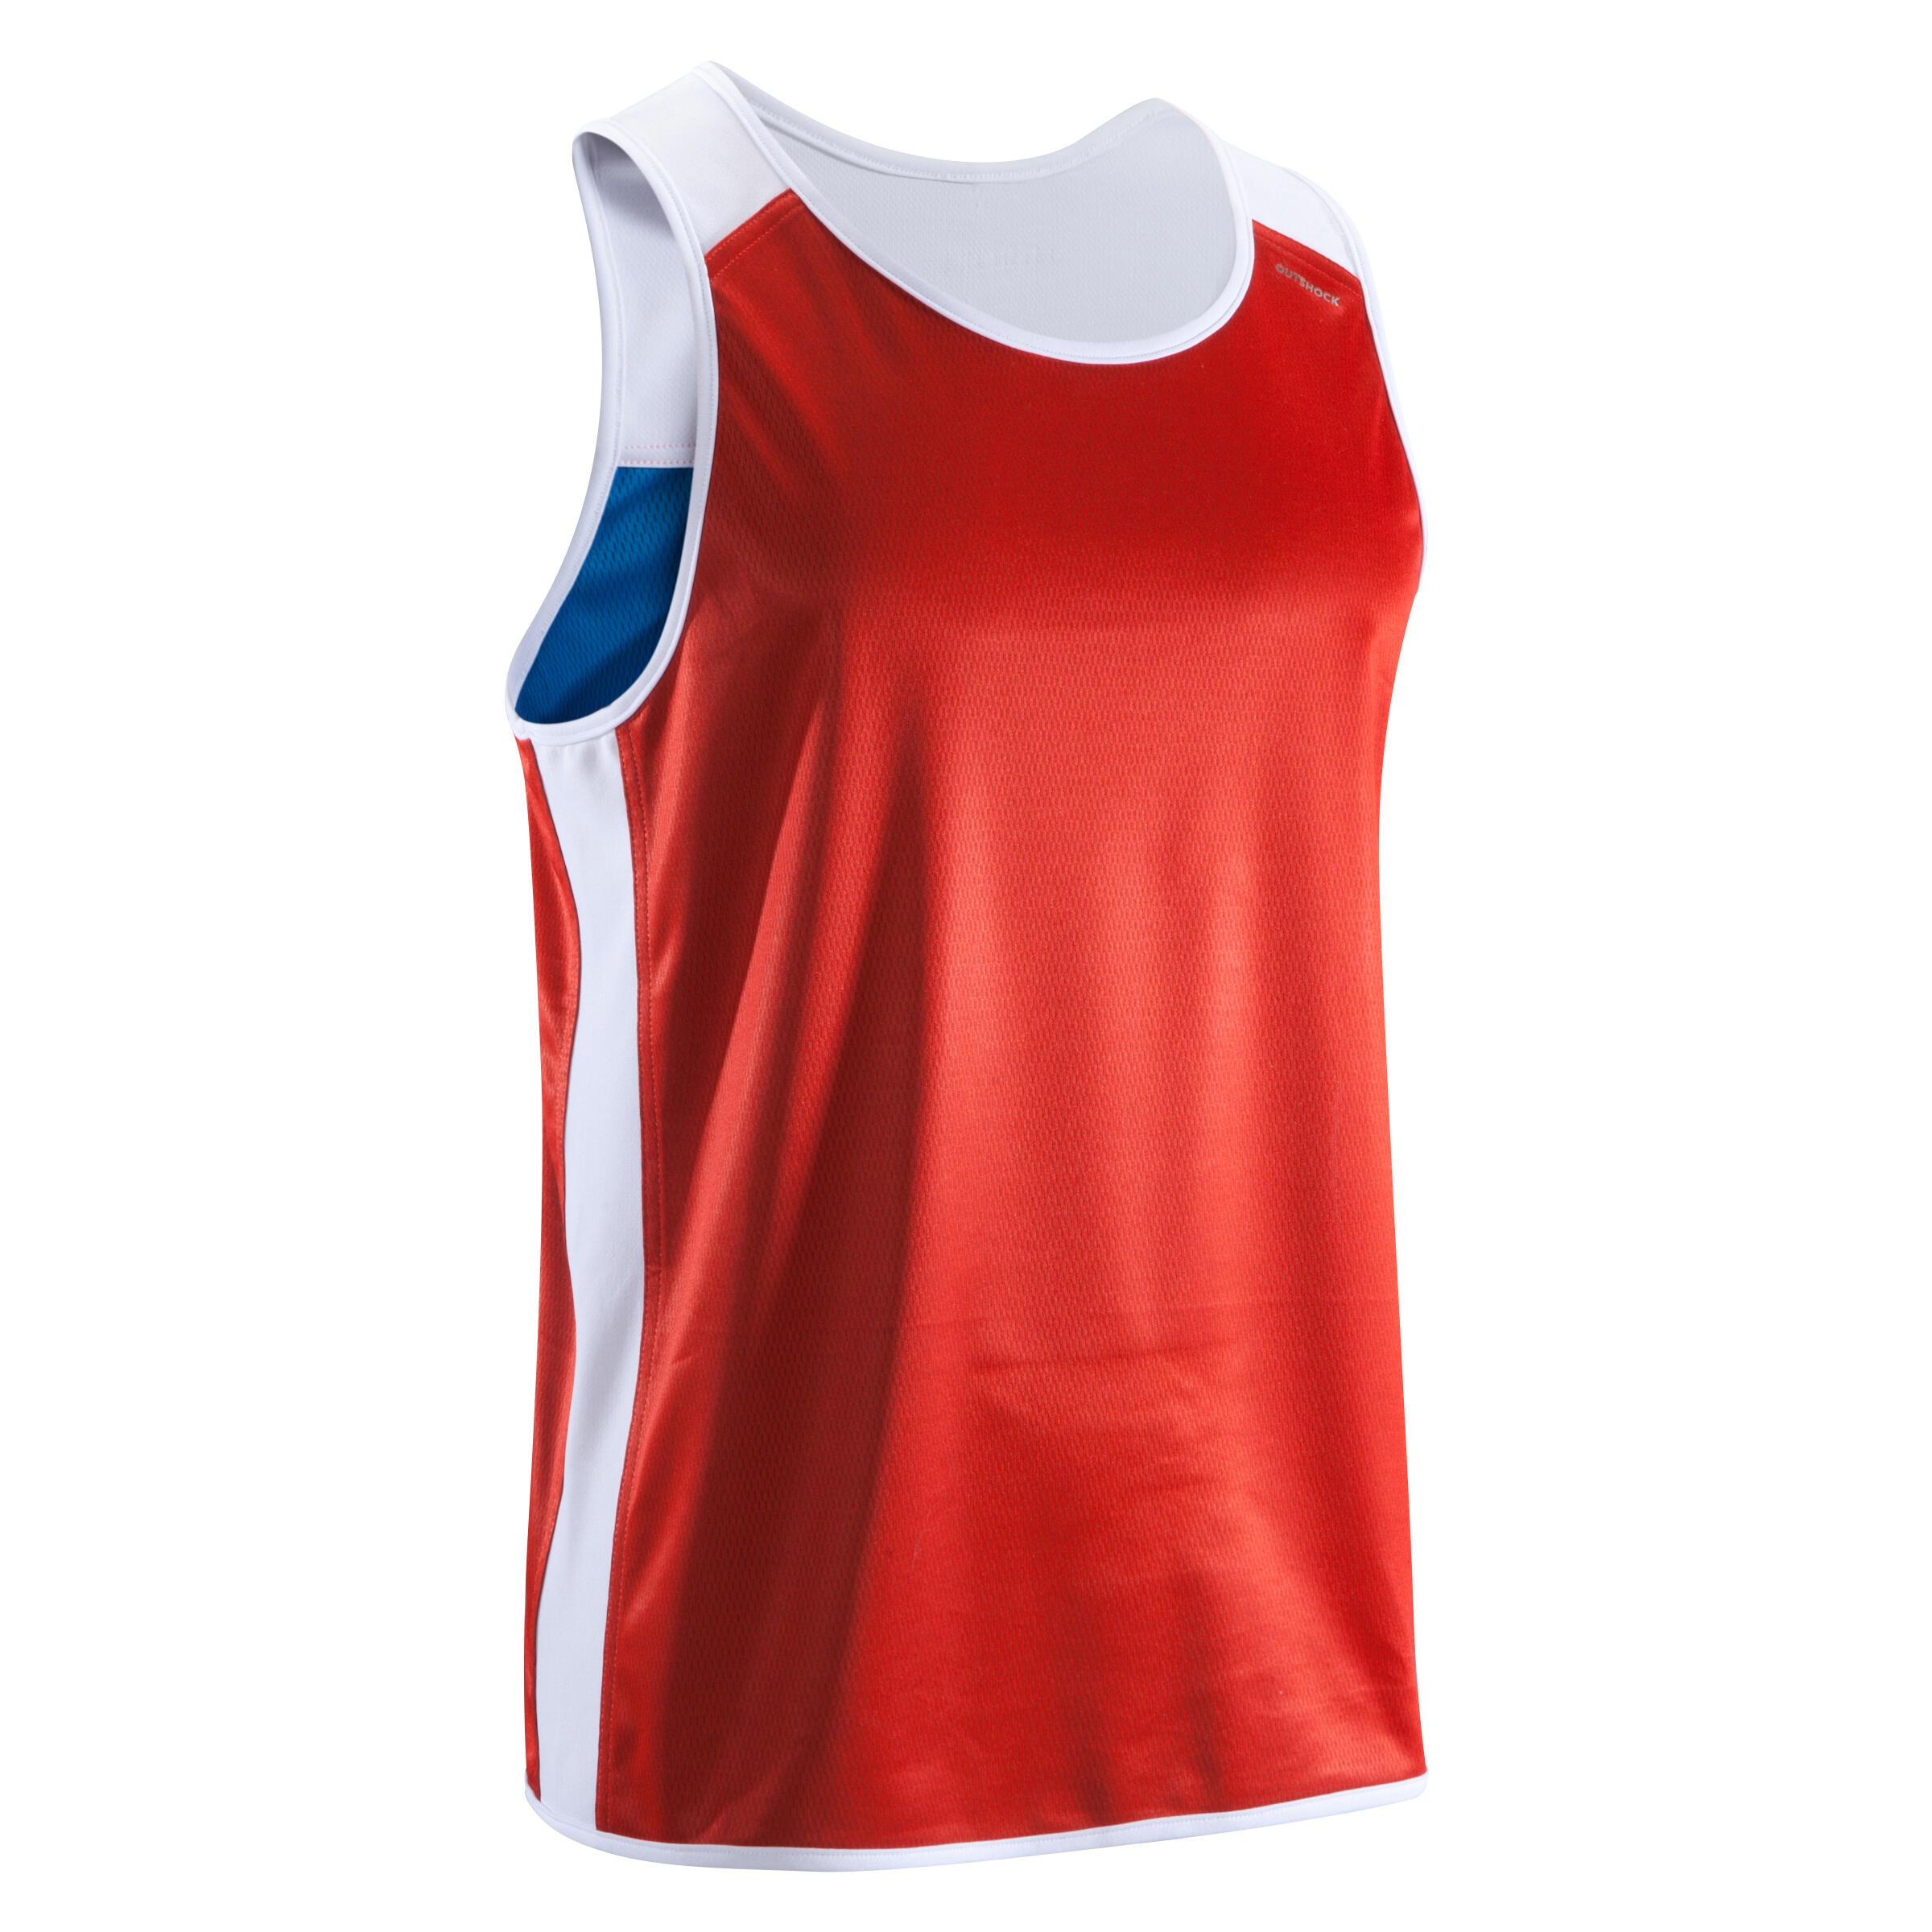 Outshock Omkeerbaar mouwloos boksshirt 900 voor volwassenen voor competitie Engels boksen